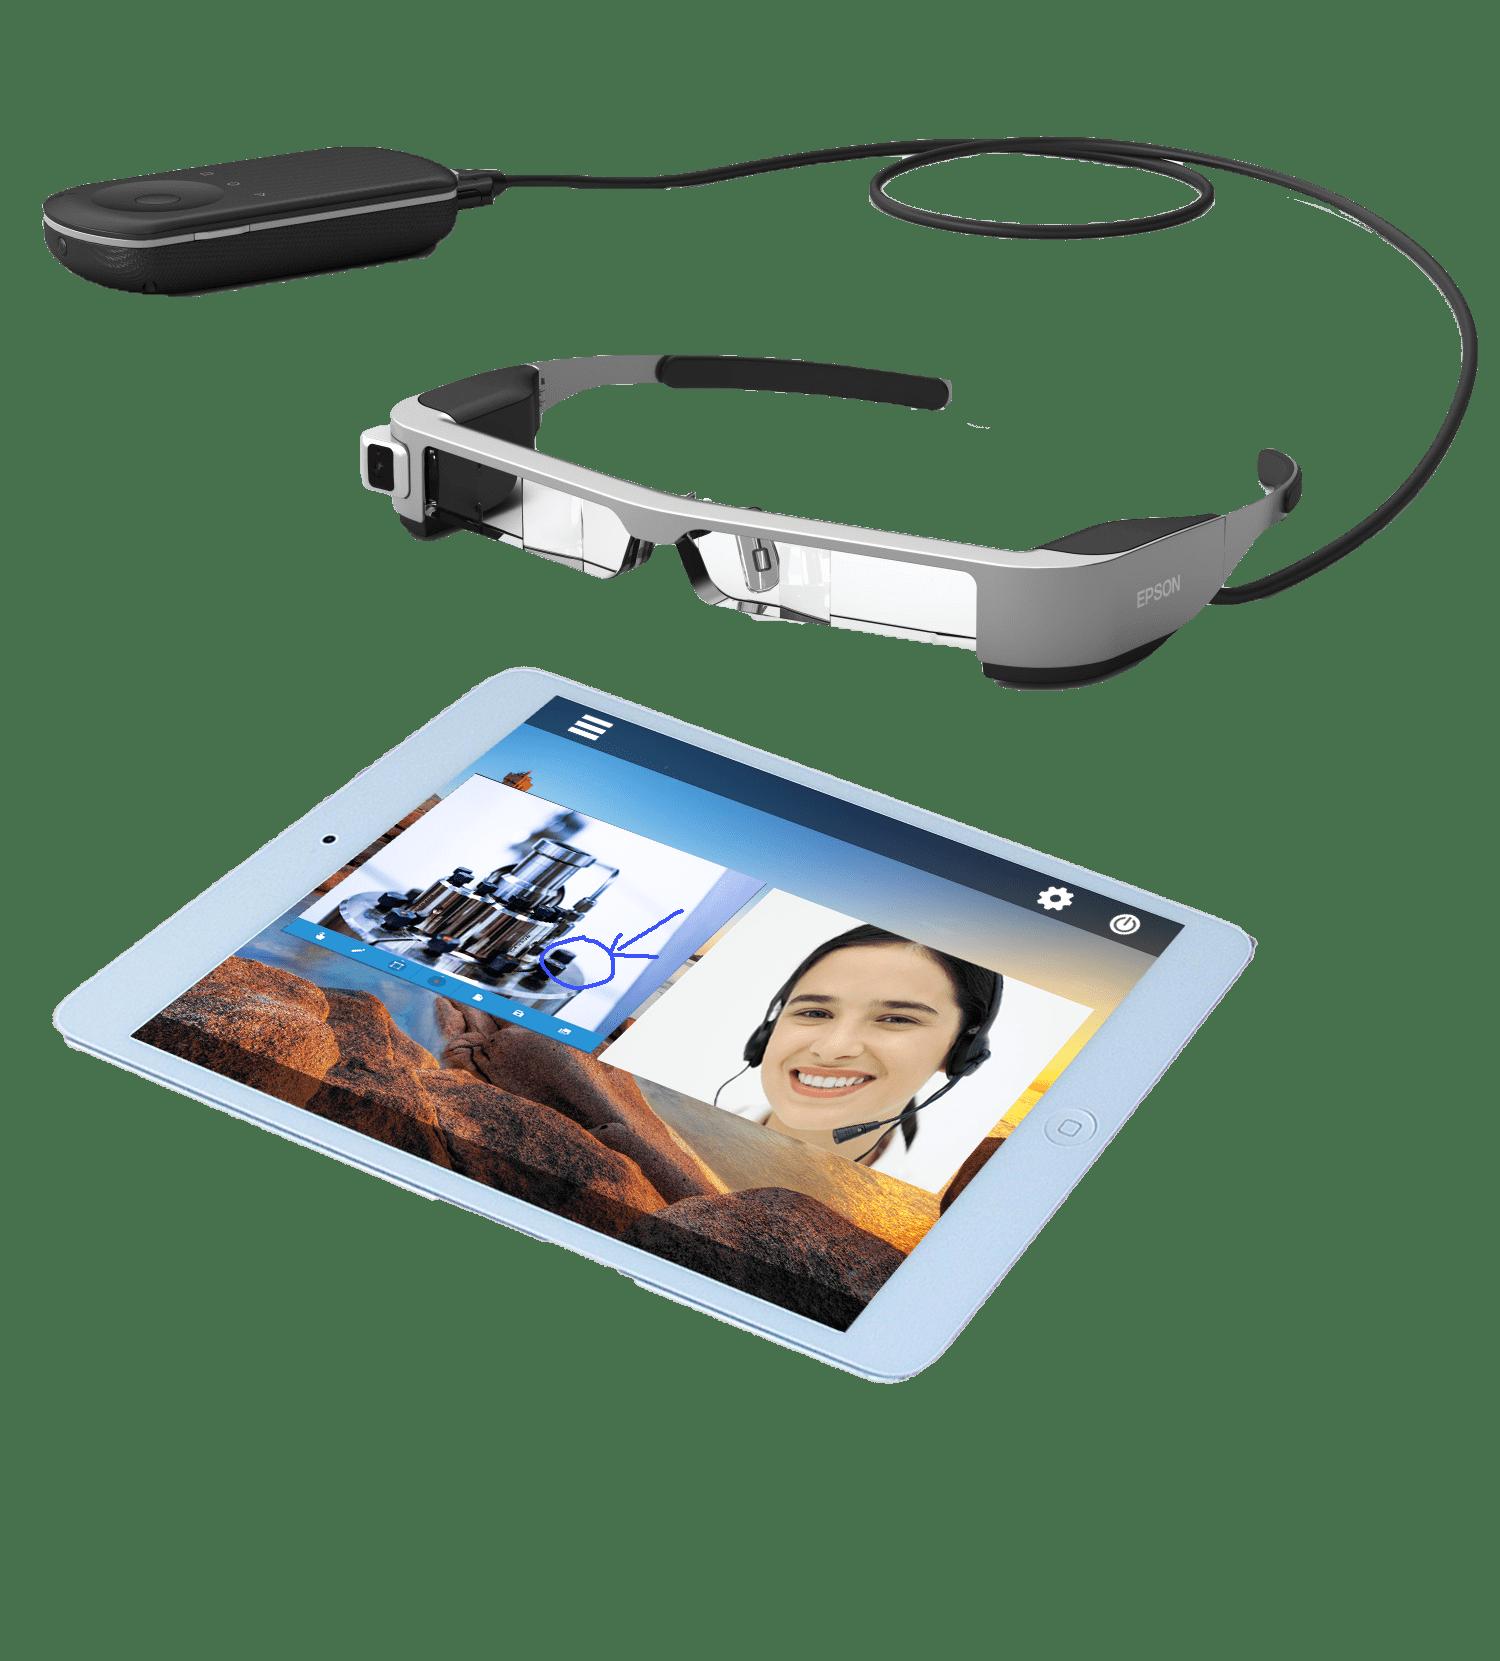 connected glasses with tablet for visual collaboration work and field service solution - lunettes connectées avec tablette pour travail collaboratif visuel et solution de service sur le terrain